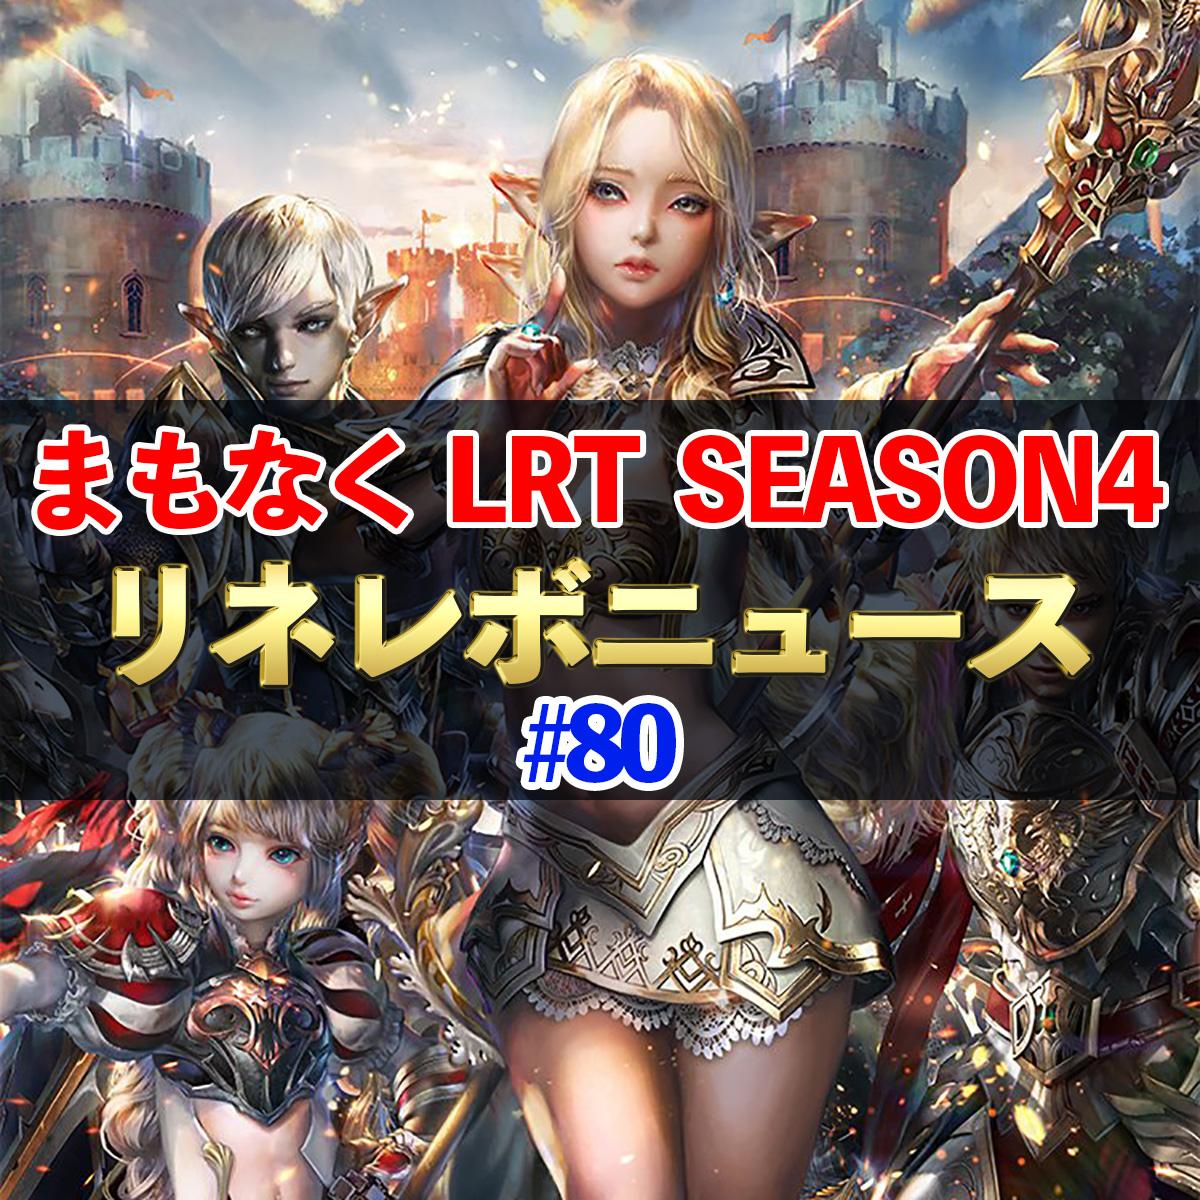 【リネレボ】LRT SEASON4 準備はできた? リネレボニュース#80